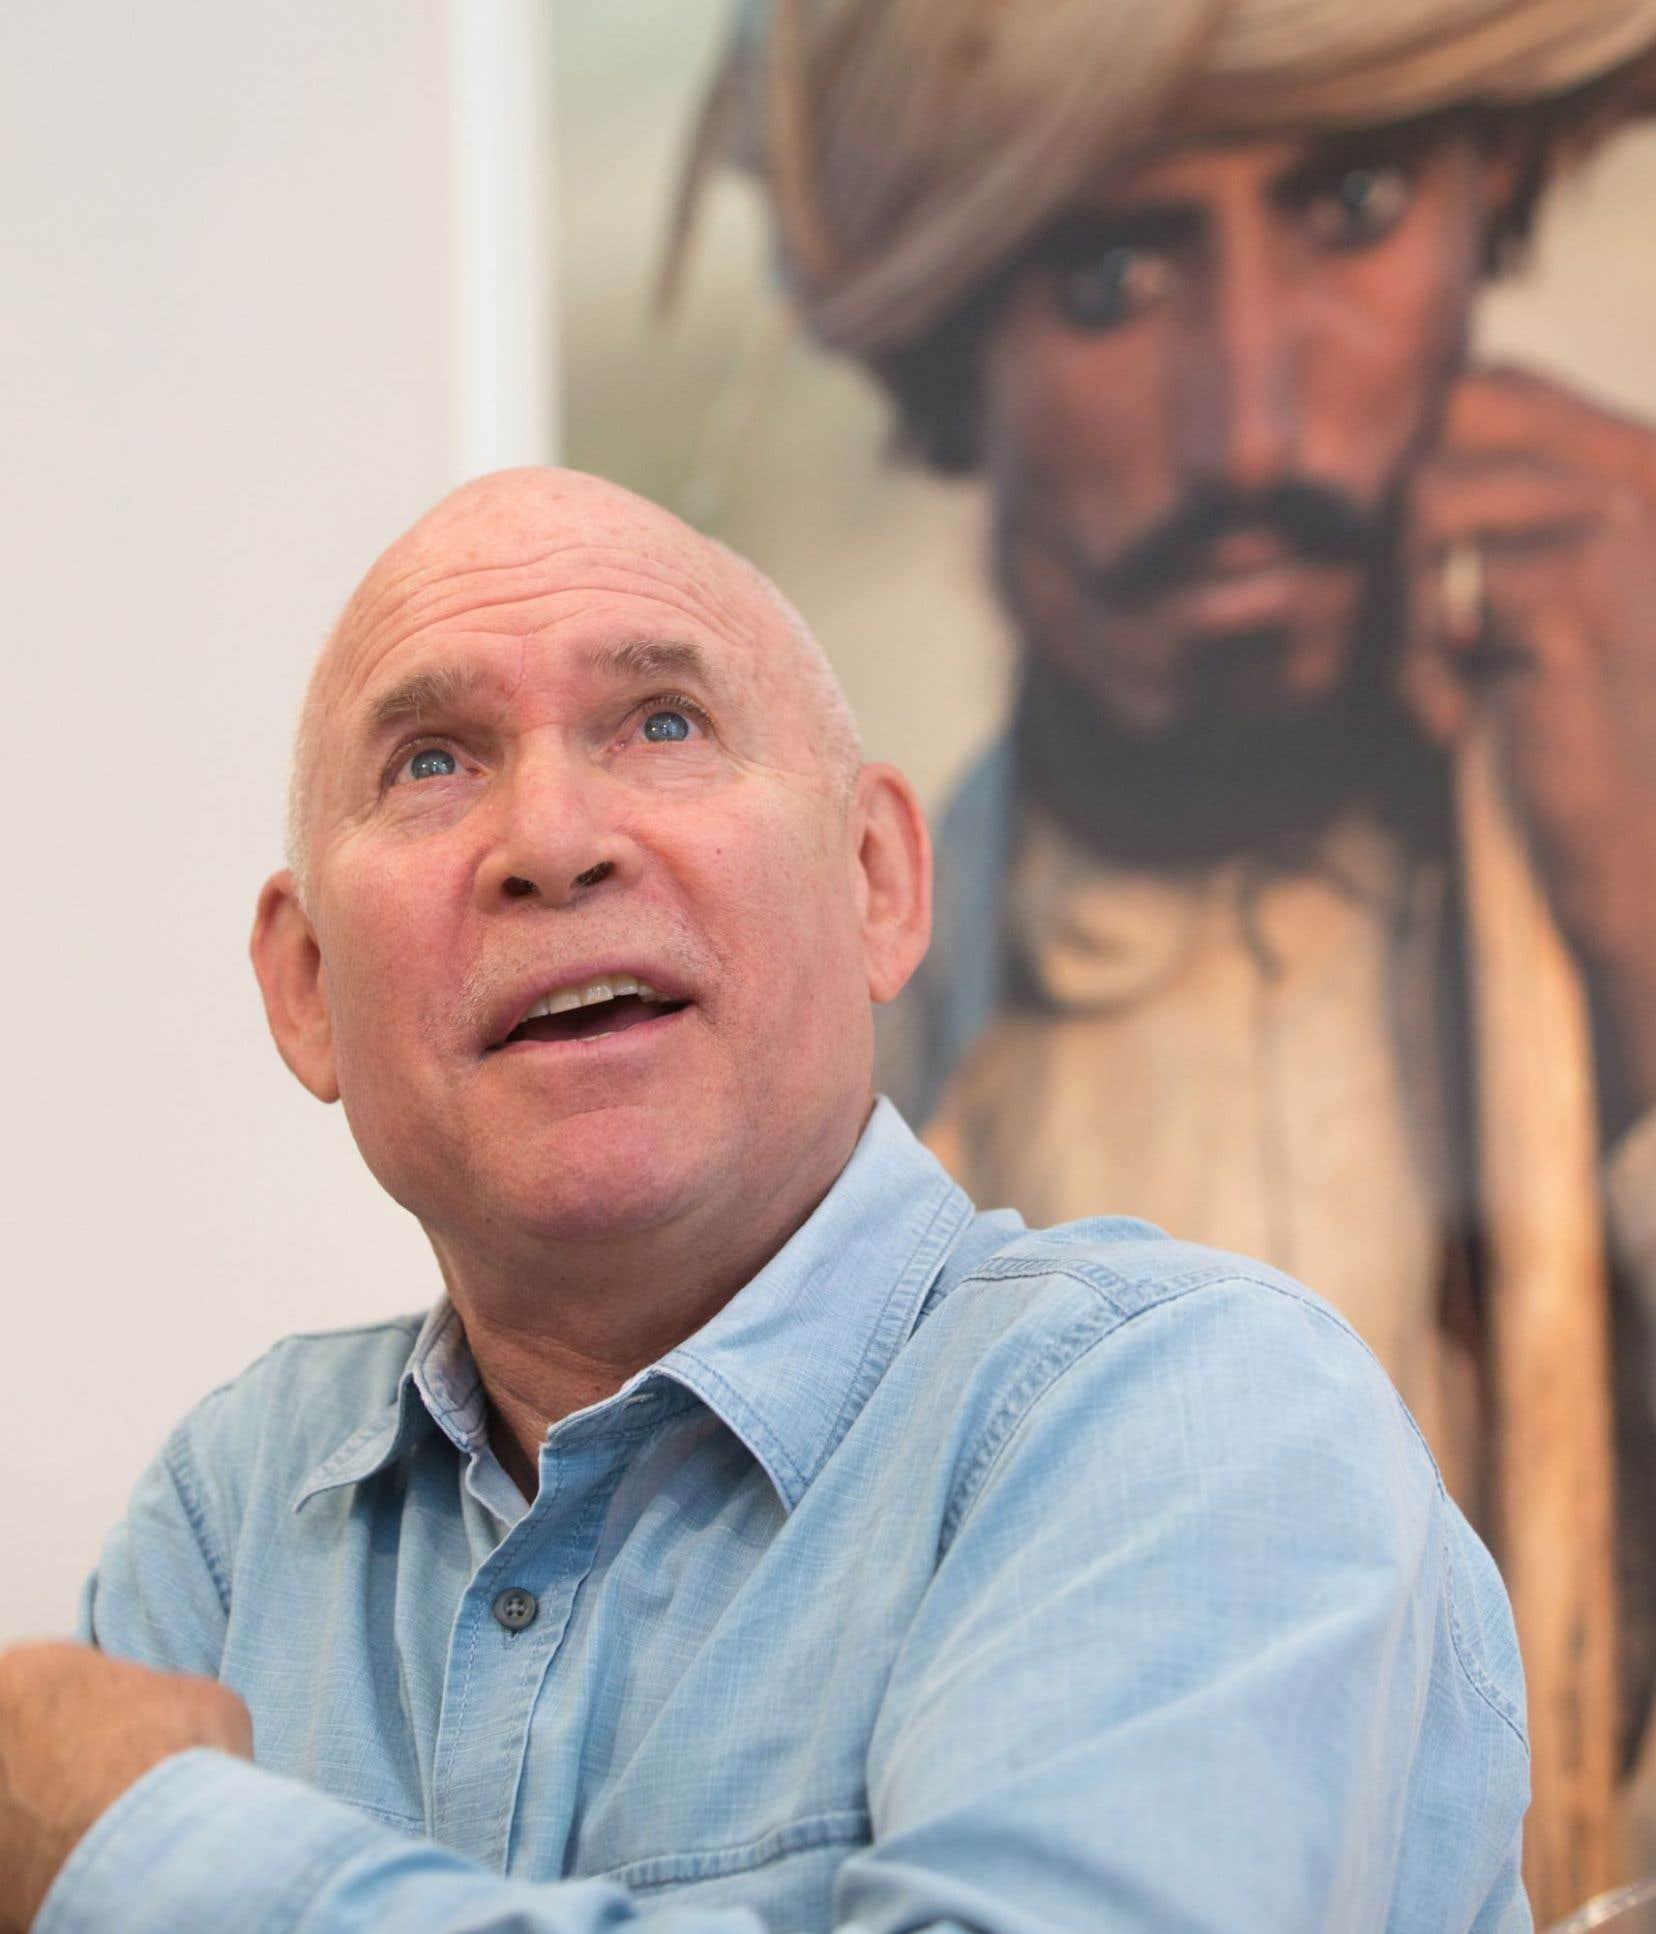 Le photographe Steve McCurry était à Montréal jeudi pour sa première exposition canadienne.